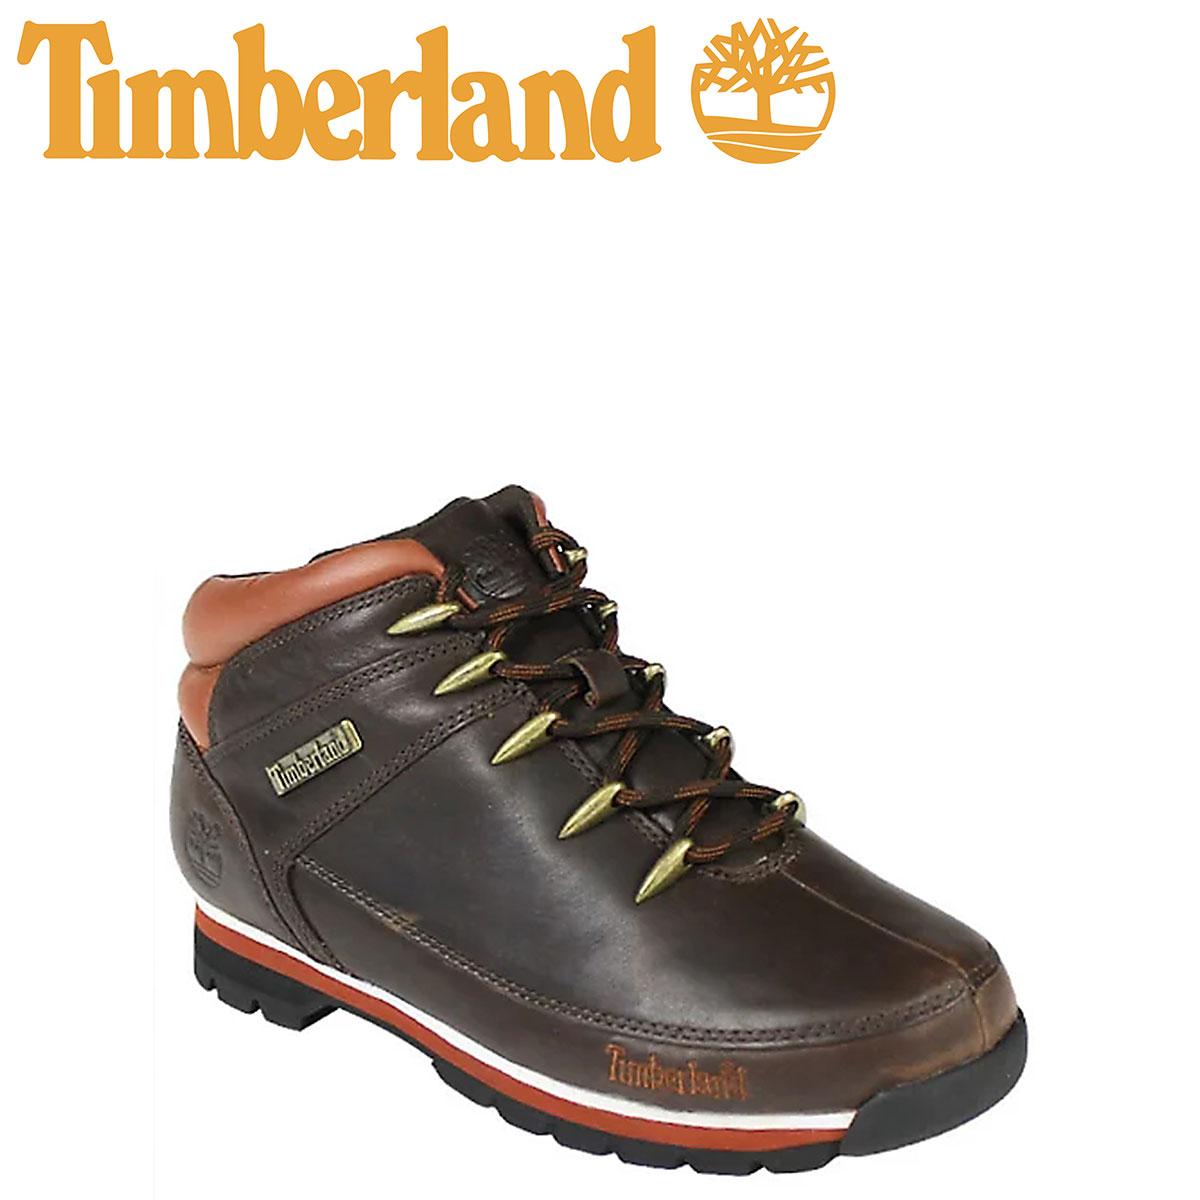 Timberland ティンバーランド ブーツ EURO SPRINT 2 HIKER BOOT 6831R Wワイズ メンズ